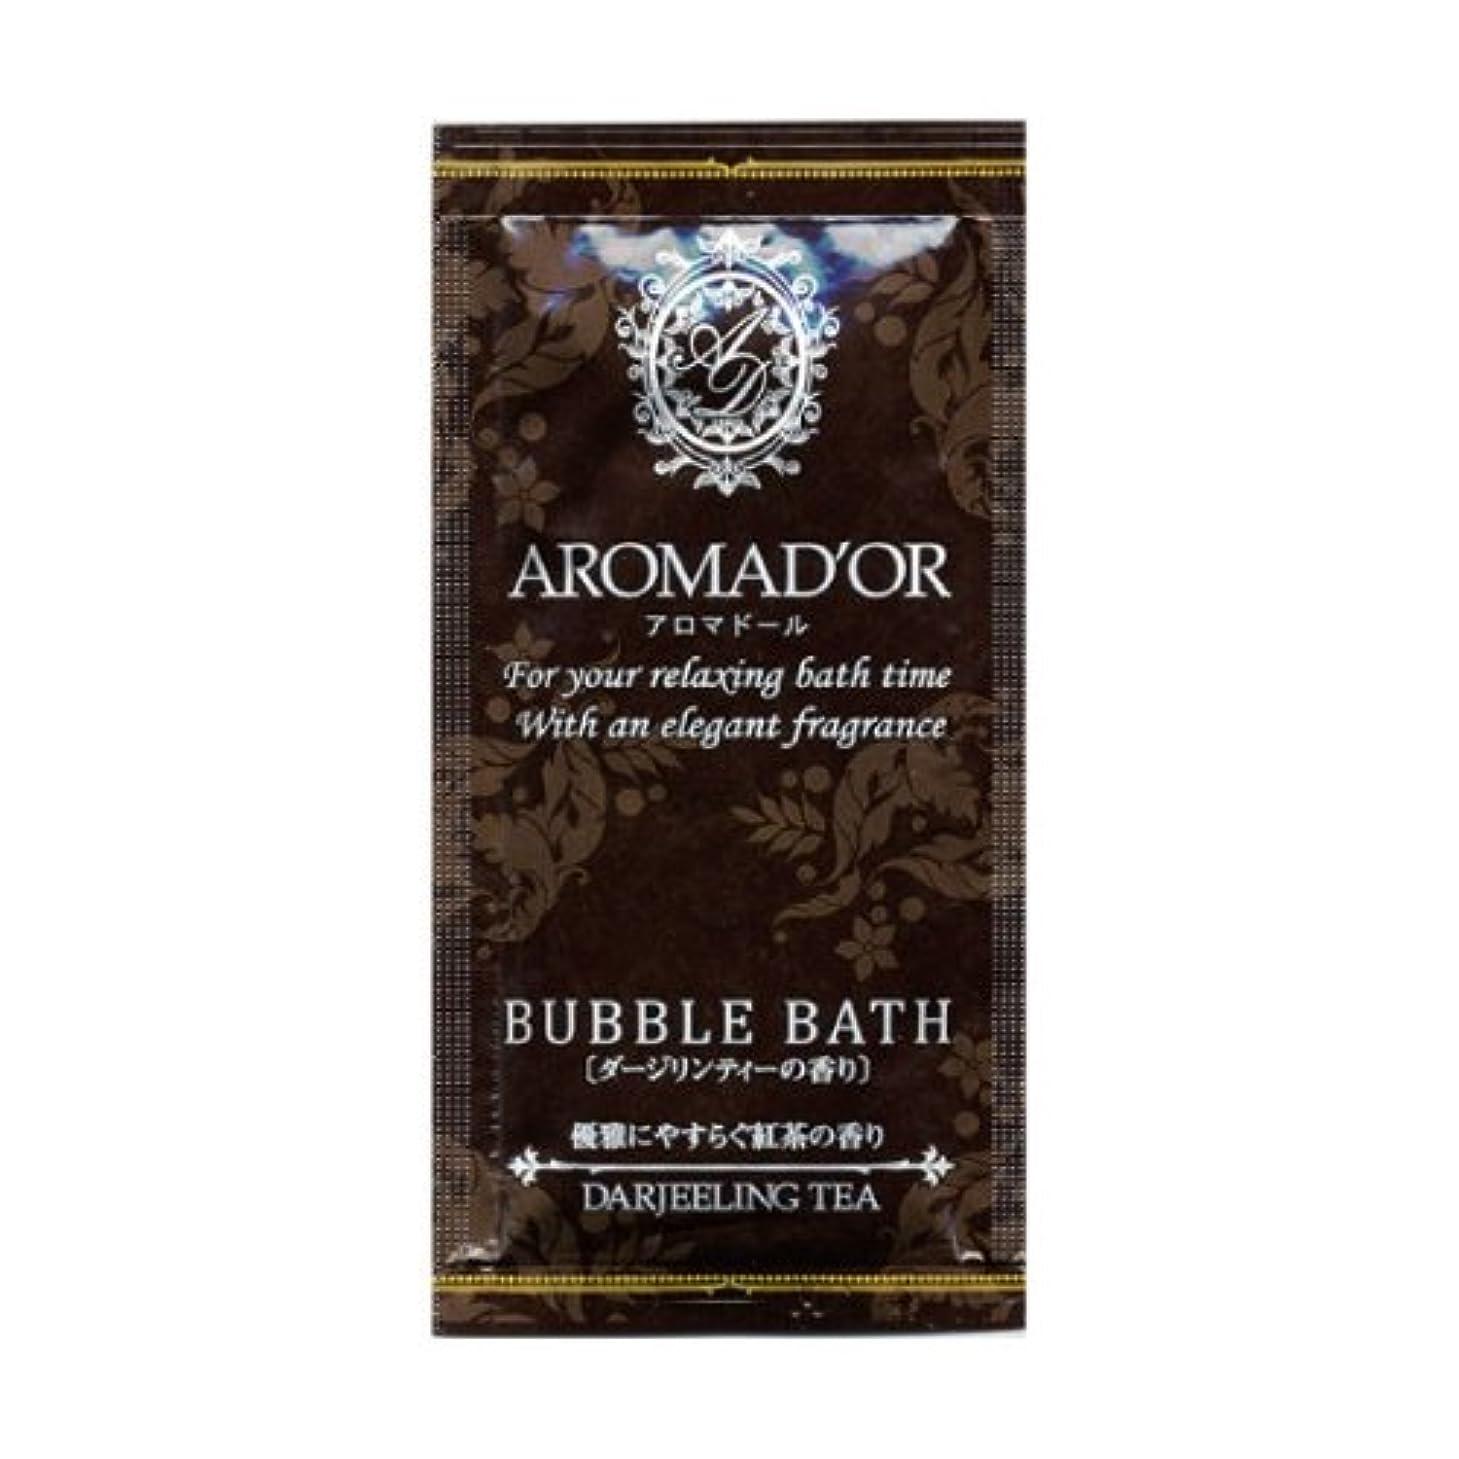 アスリートそこ配管工アロマドール バブルバス ダージリンティーの香り 12包